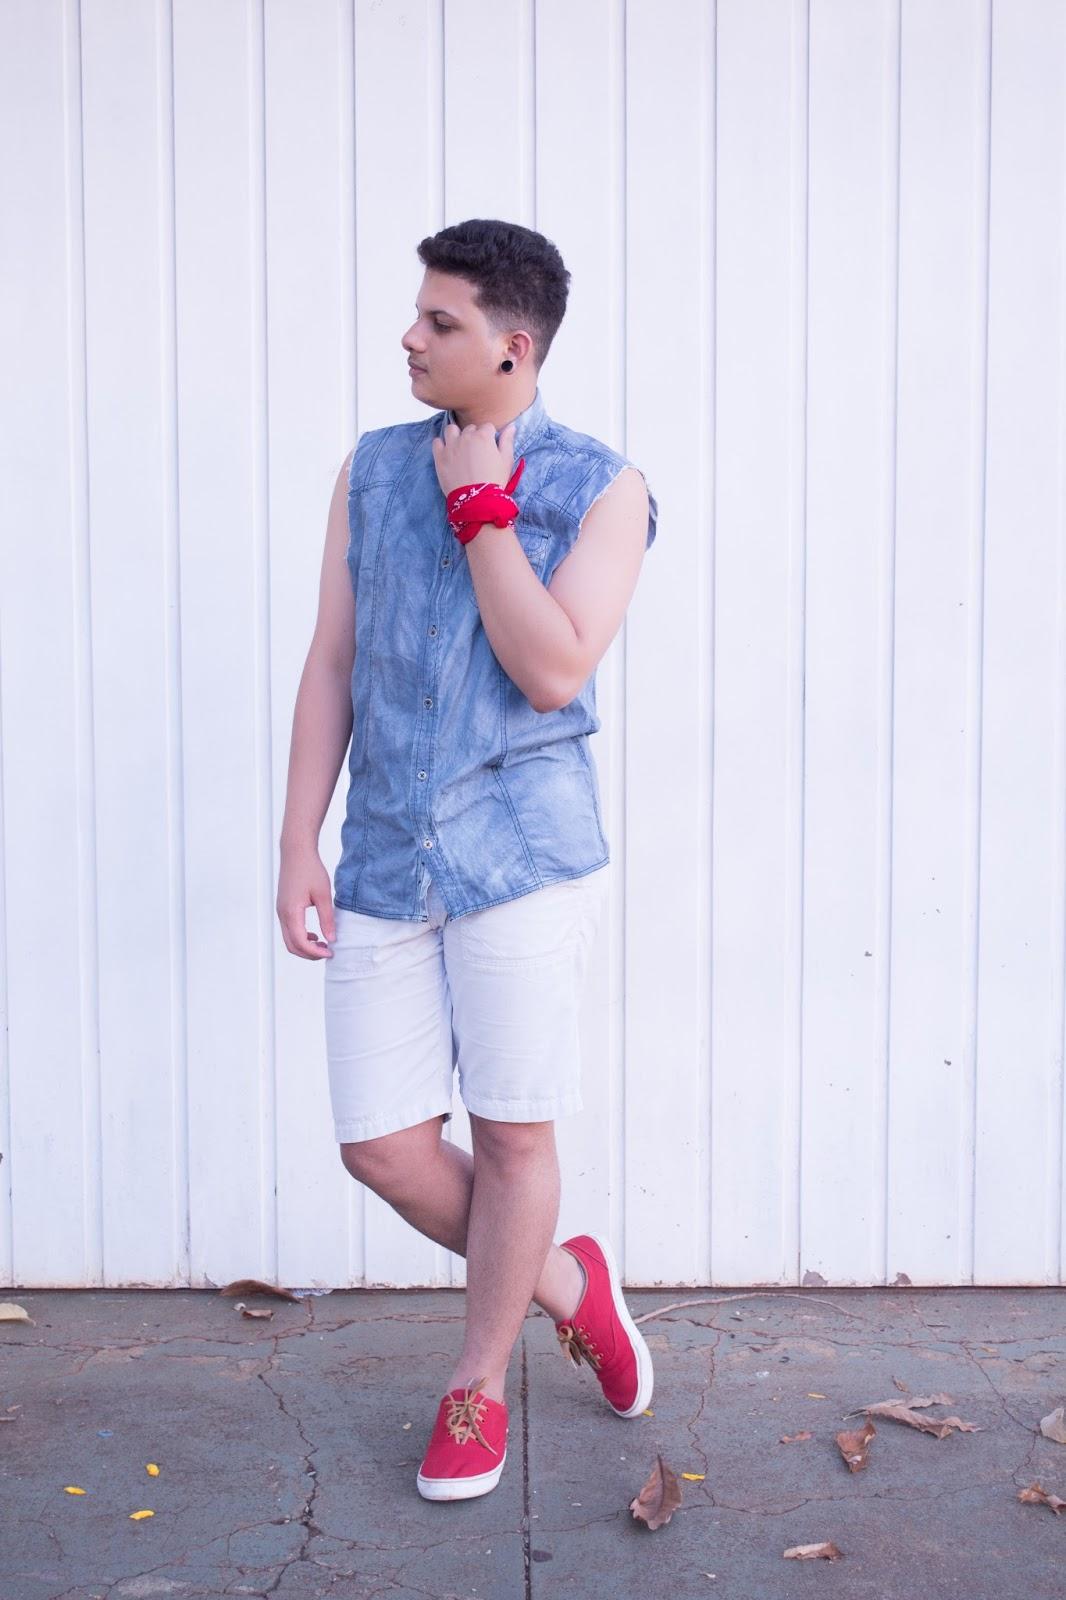 Look Masculino com Bandana Vermelha e Tênis Vermelho